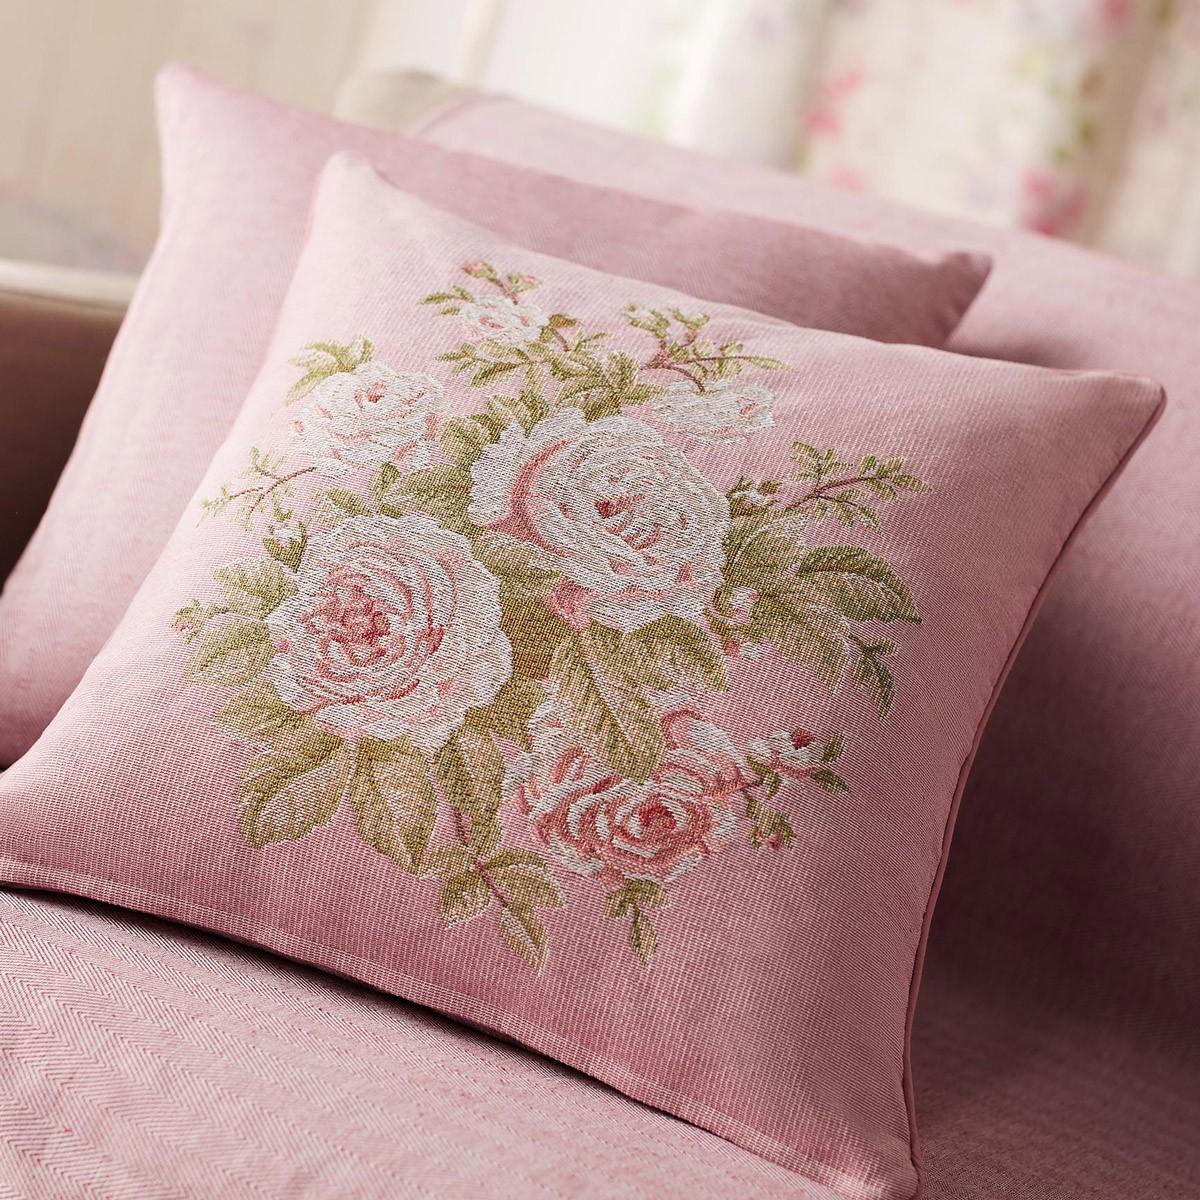 Διακοσμητική Μαξιλαροθήκη Gofis Home Tarantella Pink 354/17